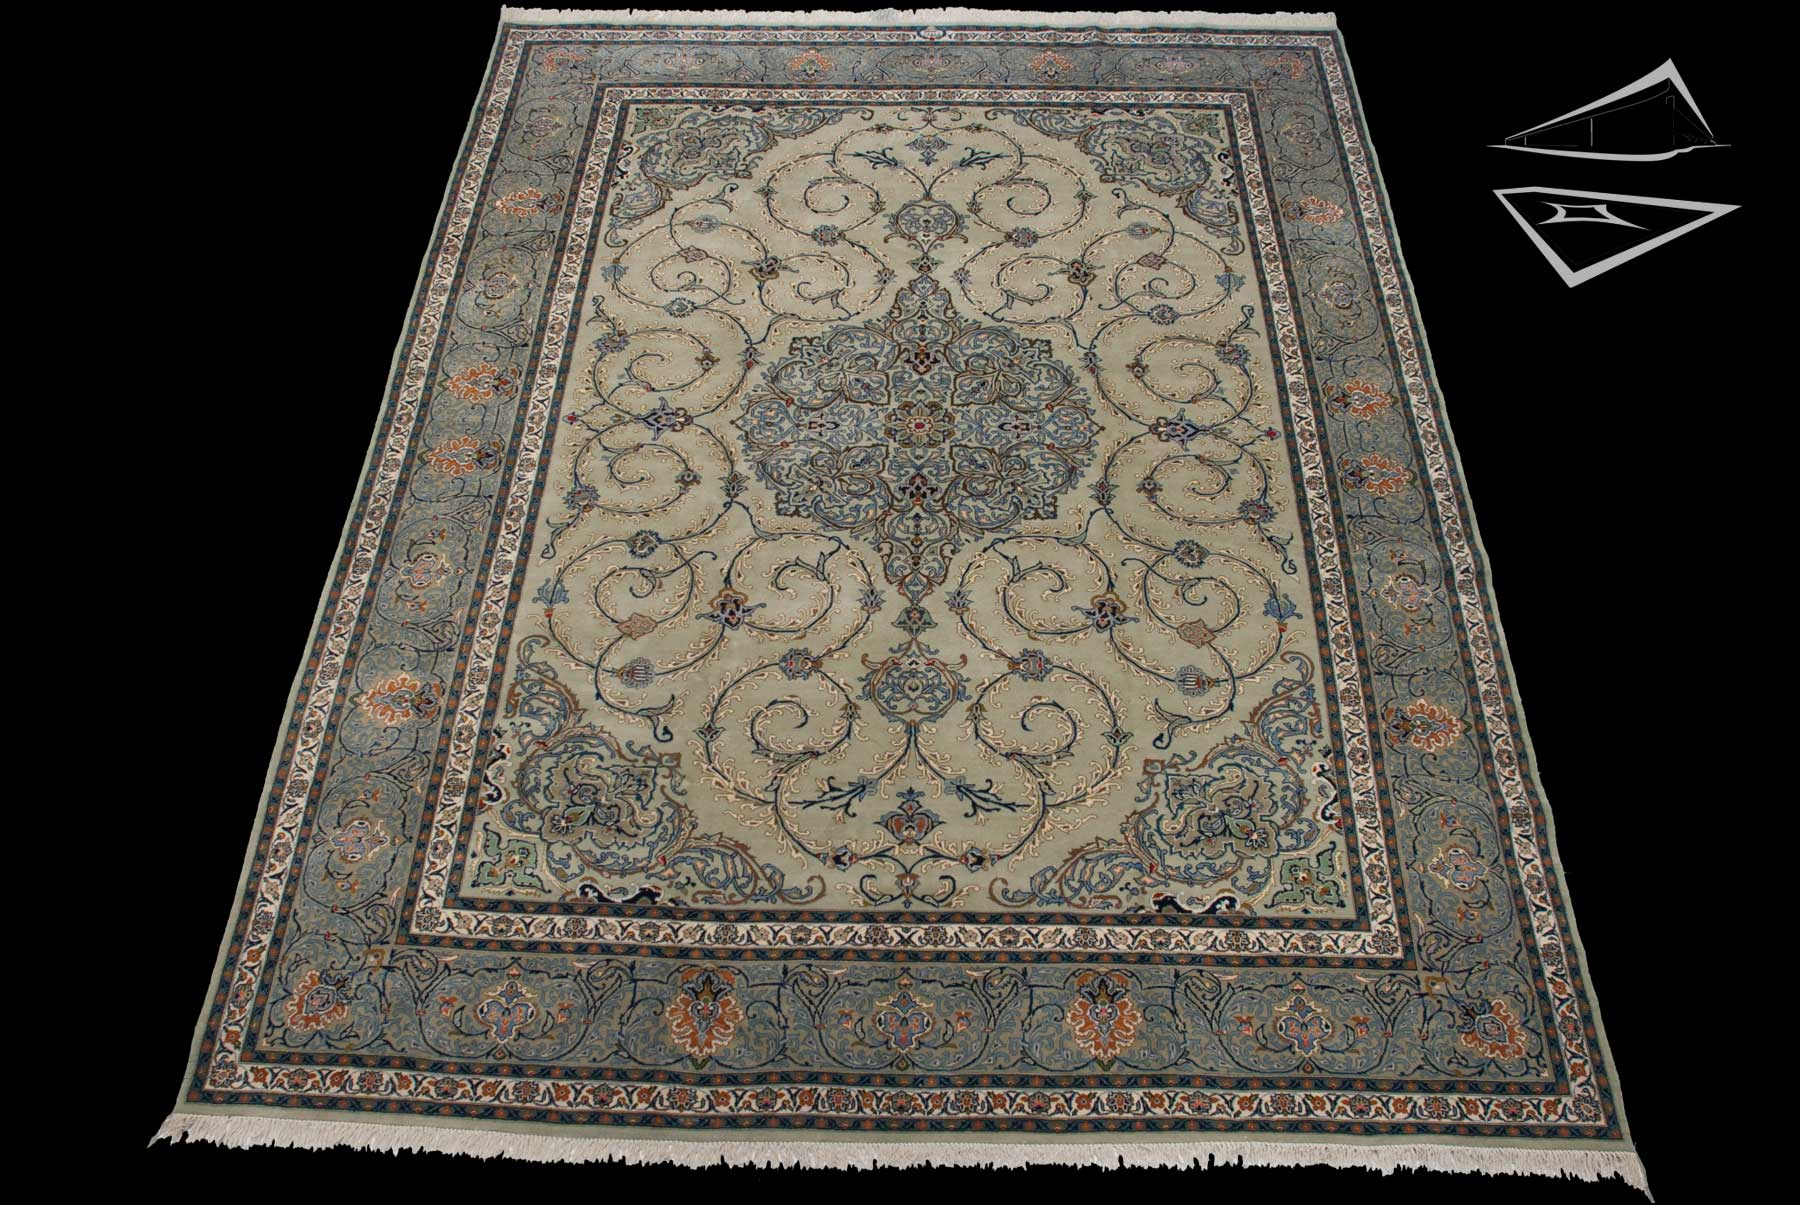 persian kashan rug 10 39 x 14 39. Black Bedroom Furniture Sets. Home Design Ideas